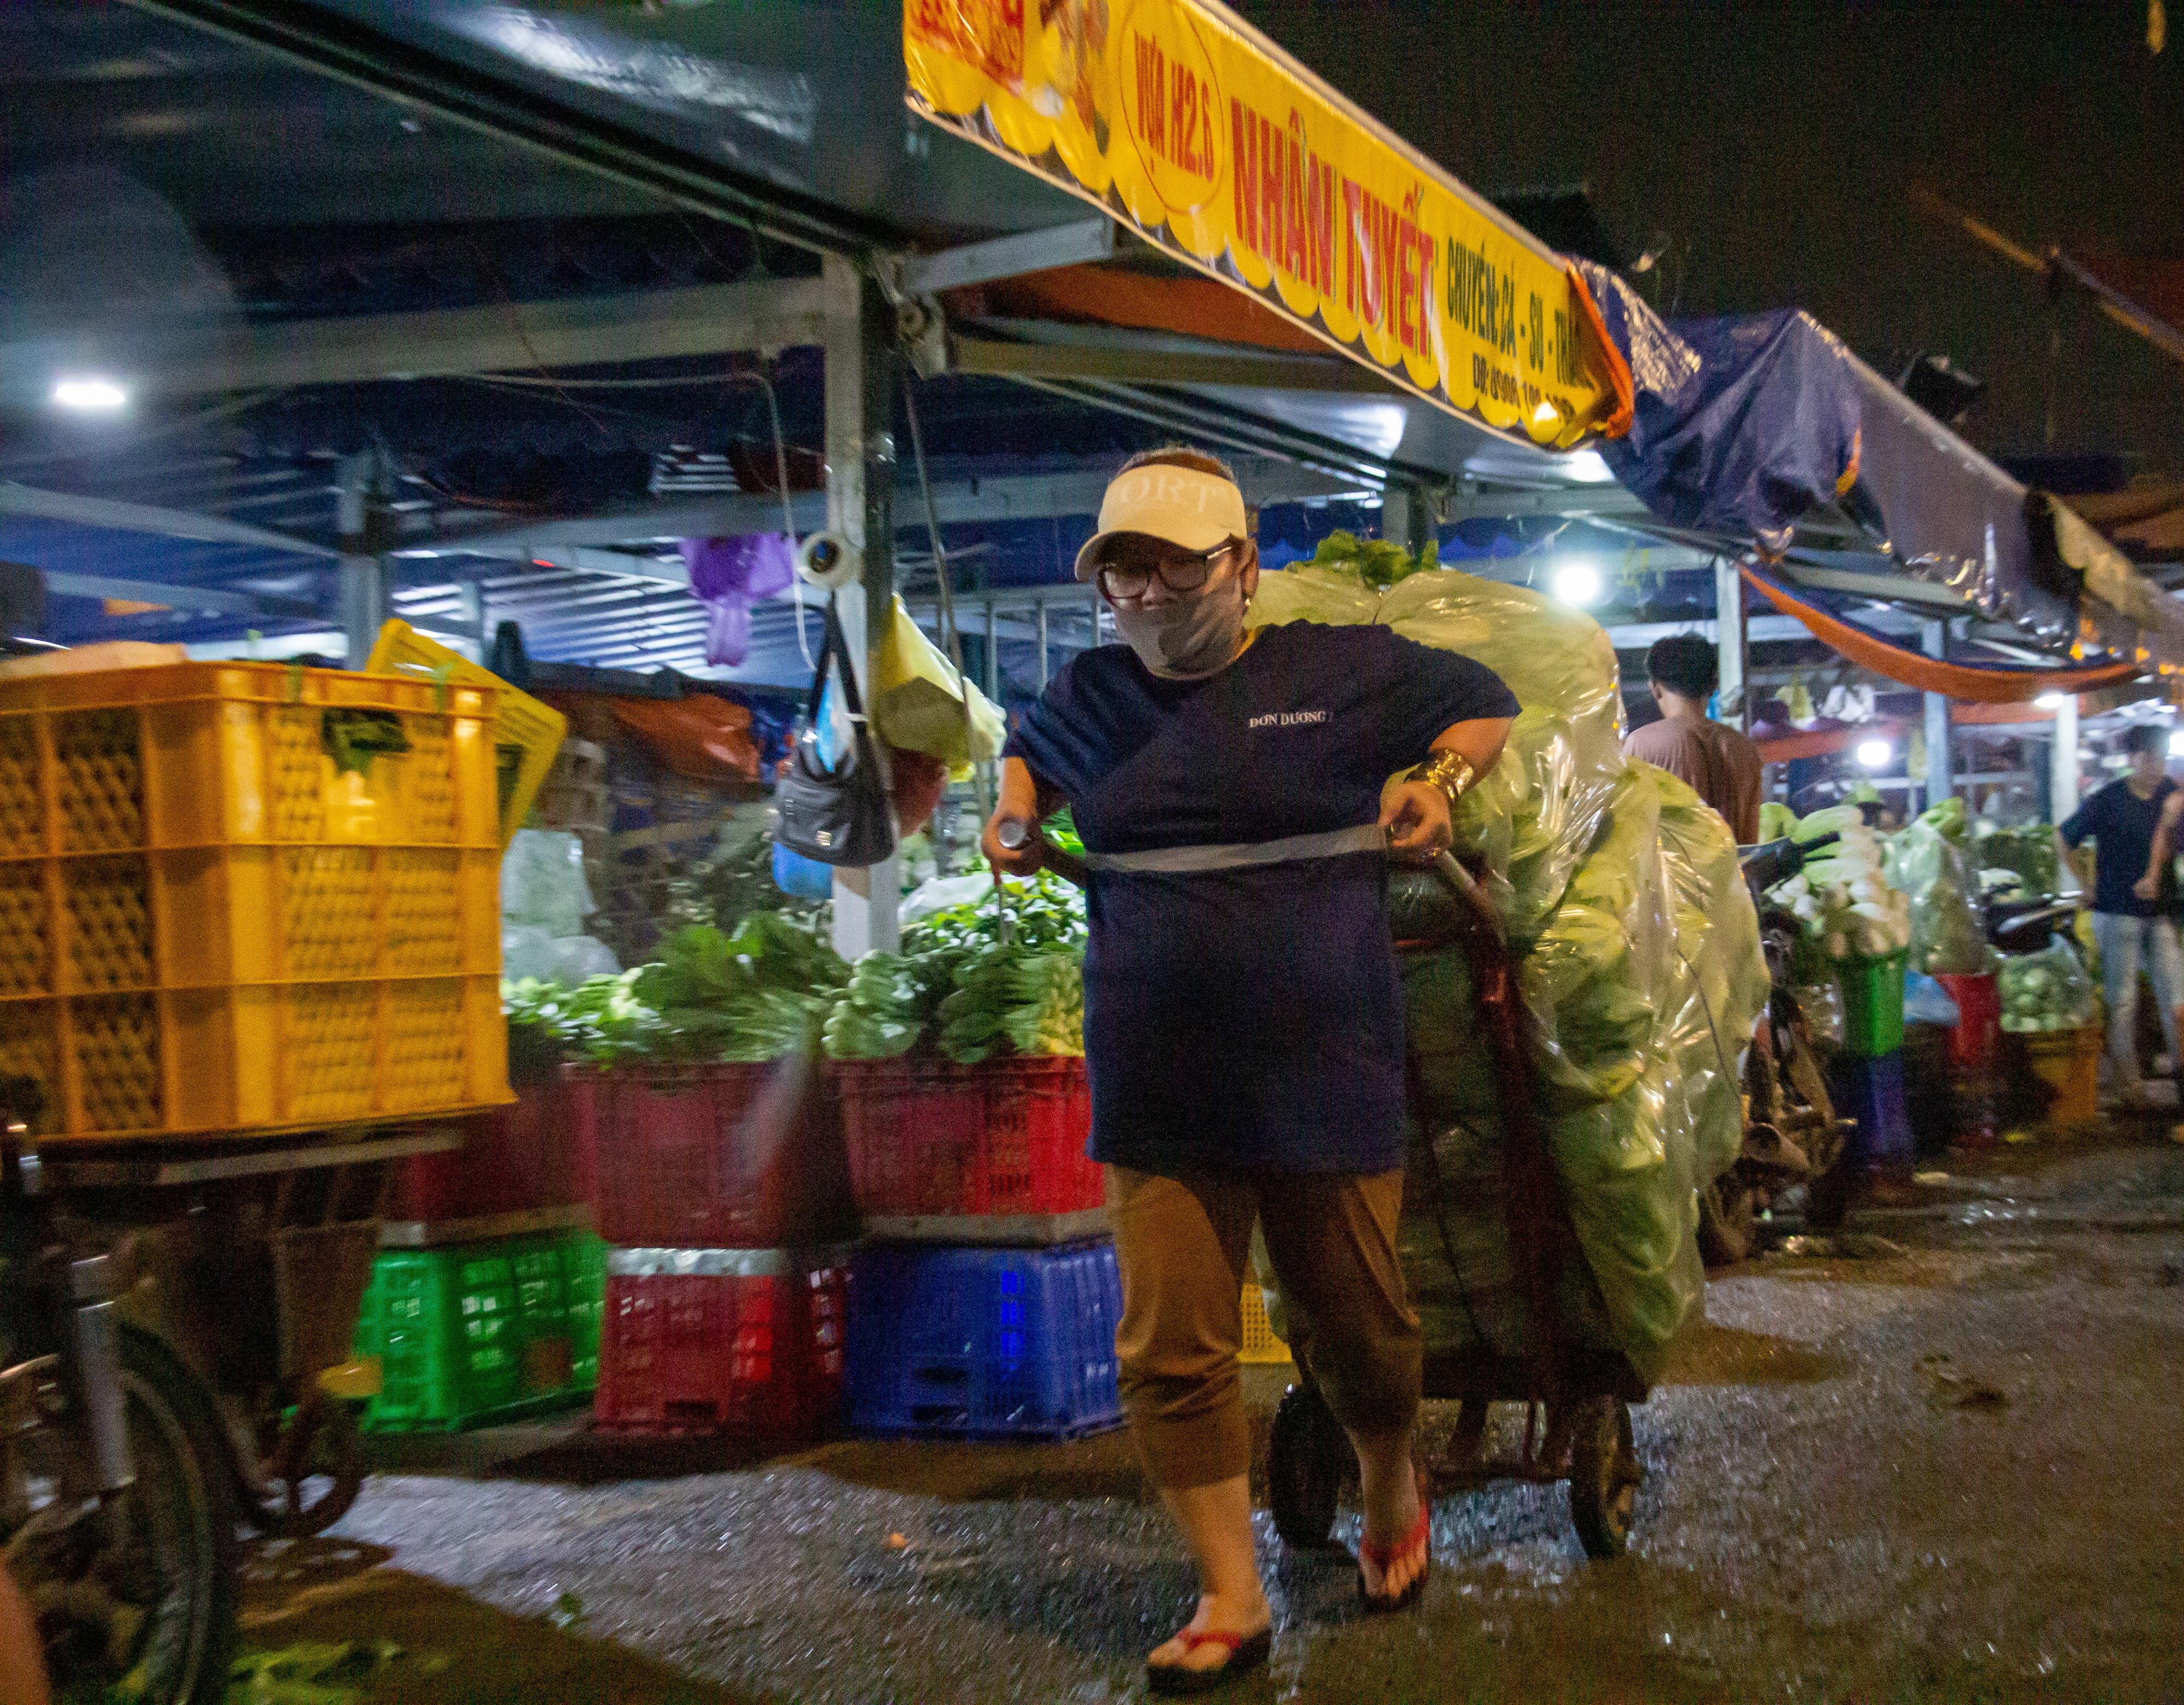 Chị Huỳnh Thị Kim Phượng, một trong nhiều cửu vạn nữ tại chợ đầu mối nông sản lớn nhất TP HCM với công việc hằng đêm của mình.